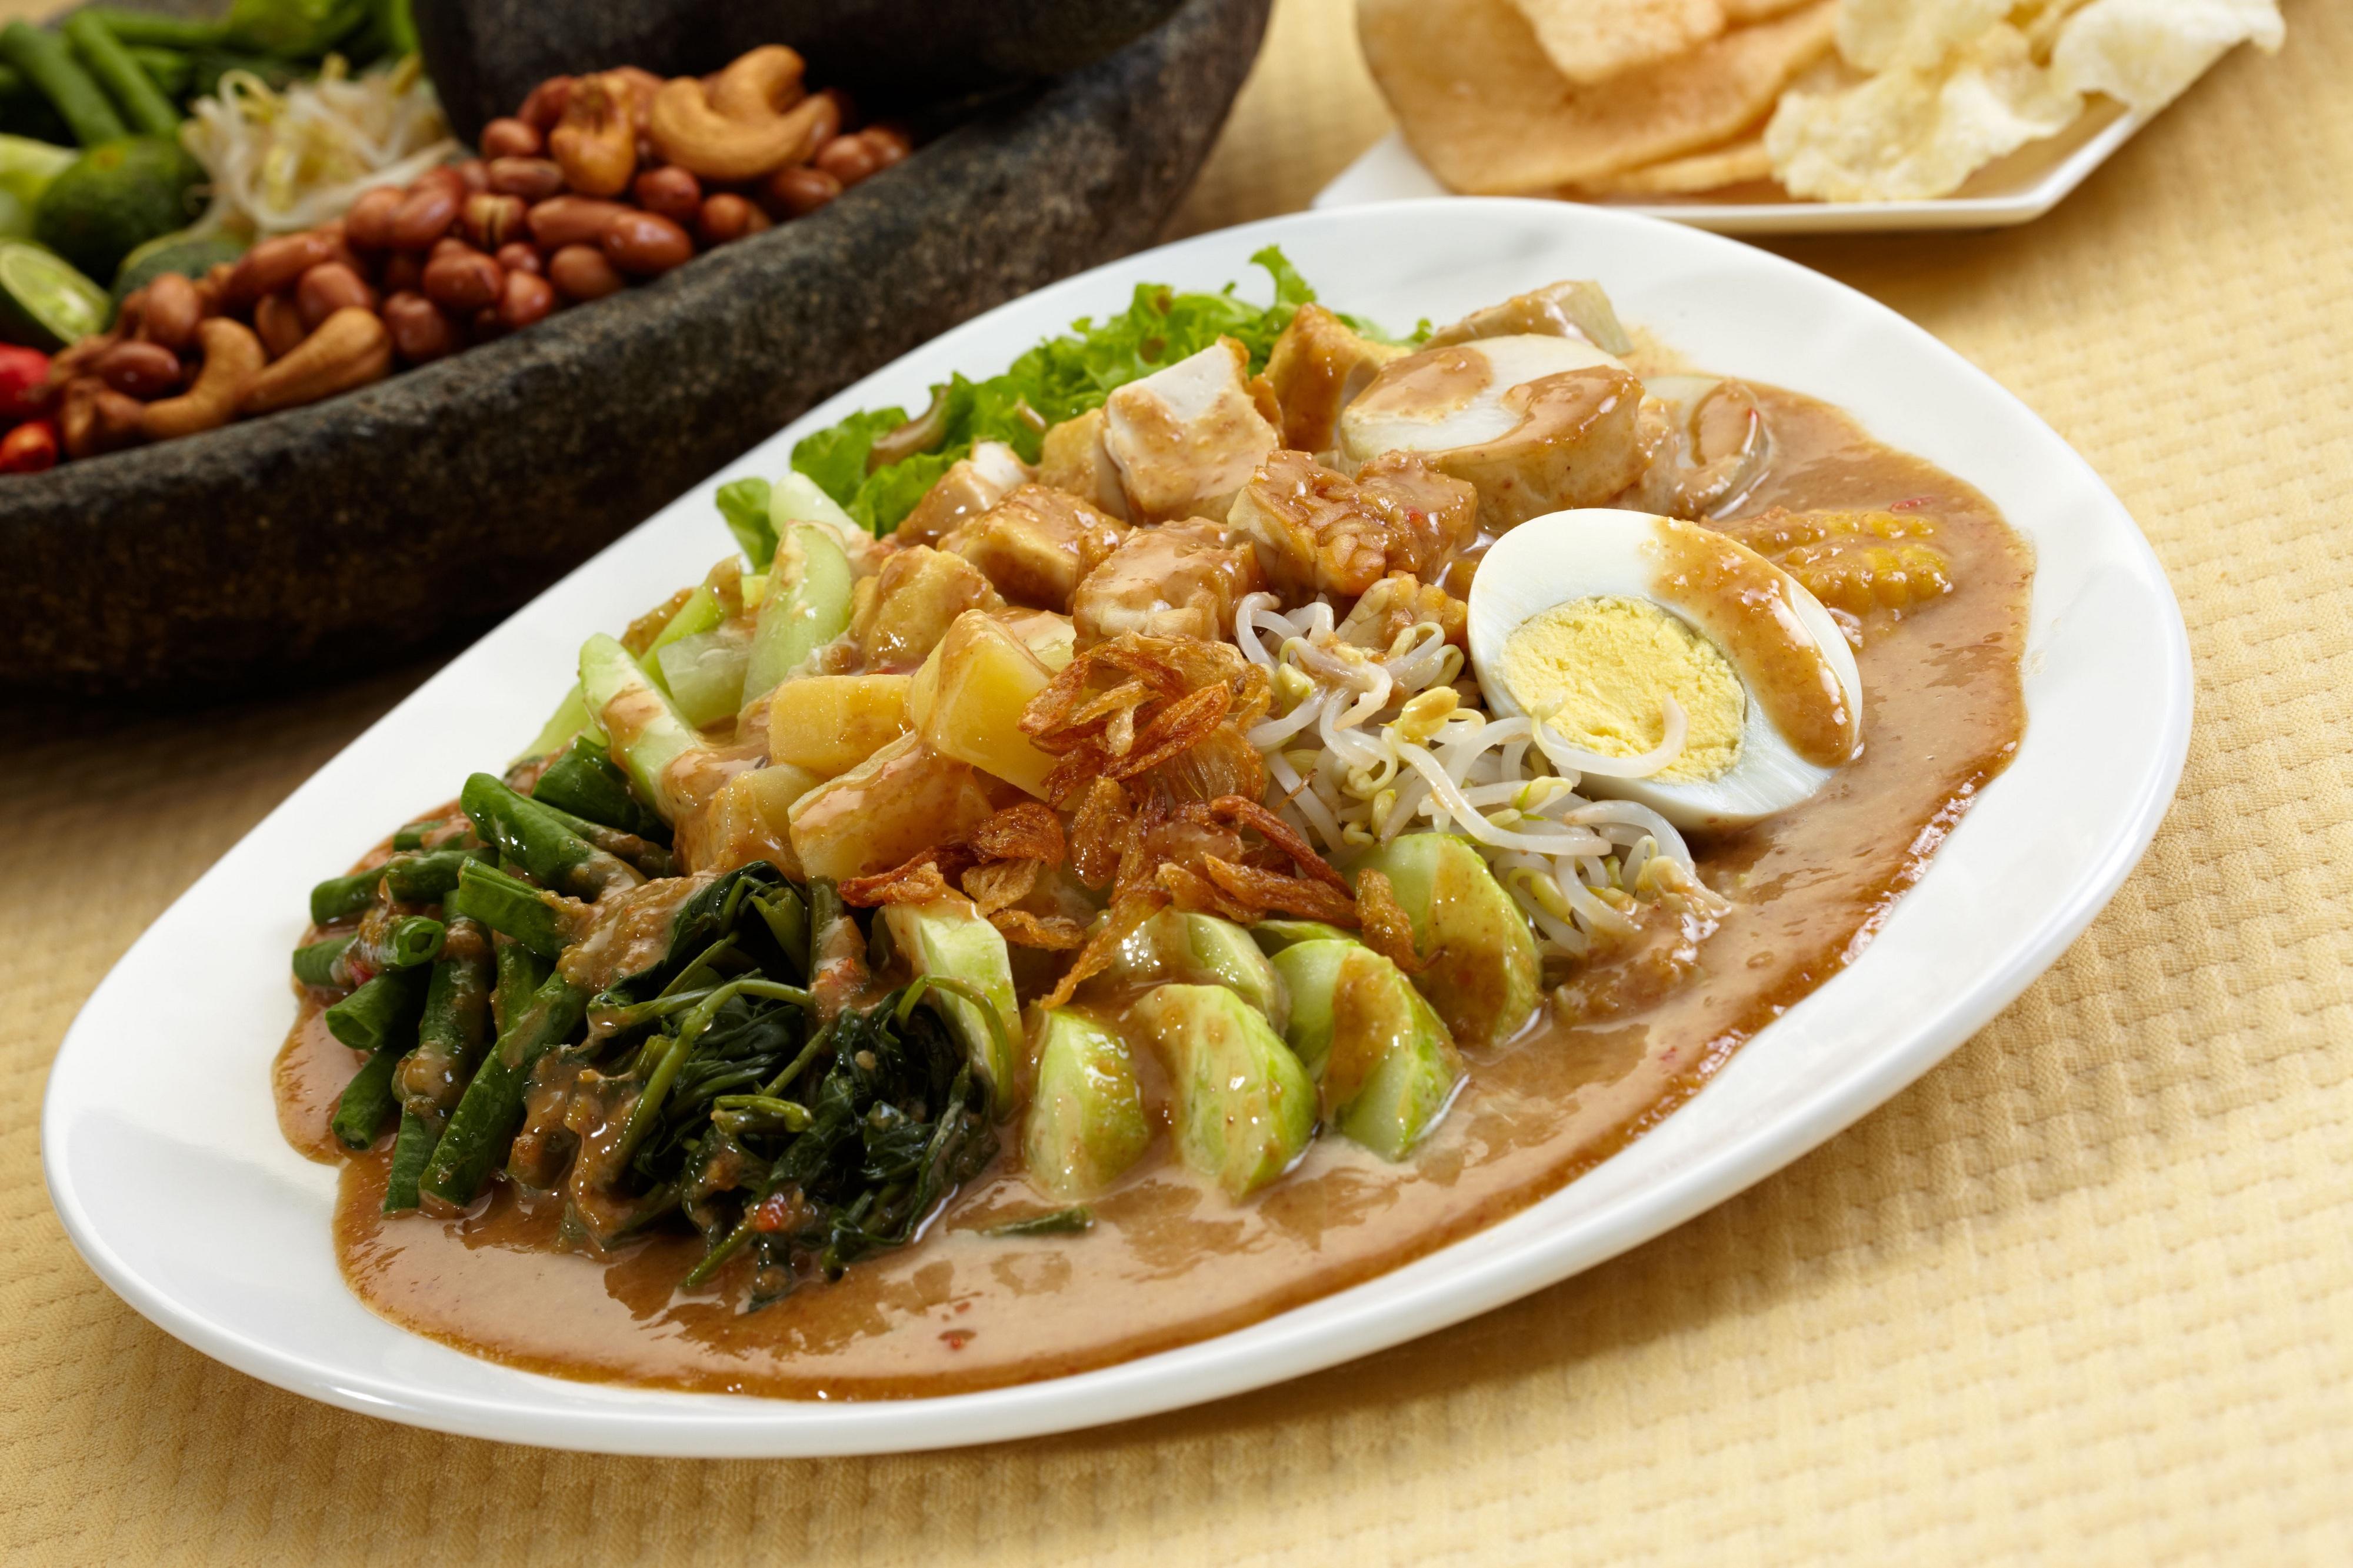 تعرف علي أشهر الأطباق الإندونيسية